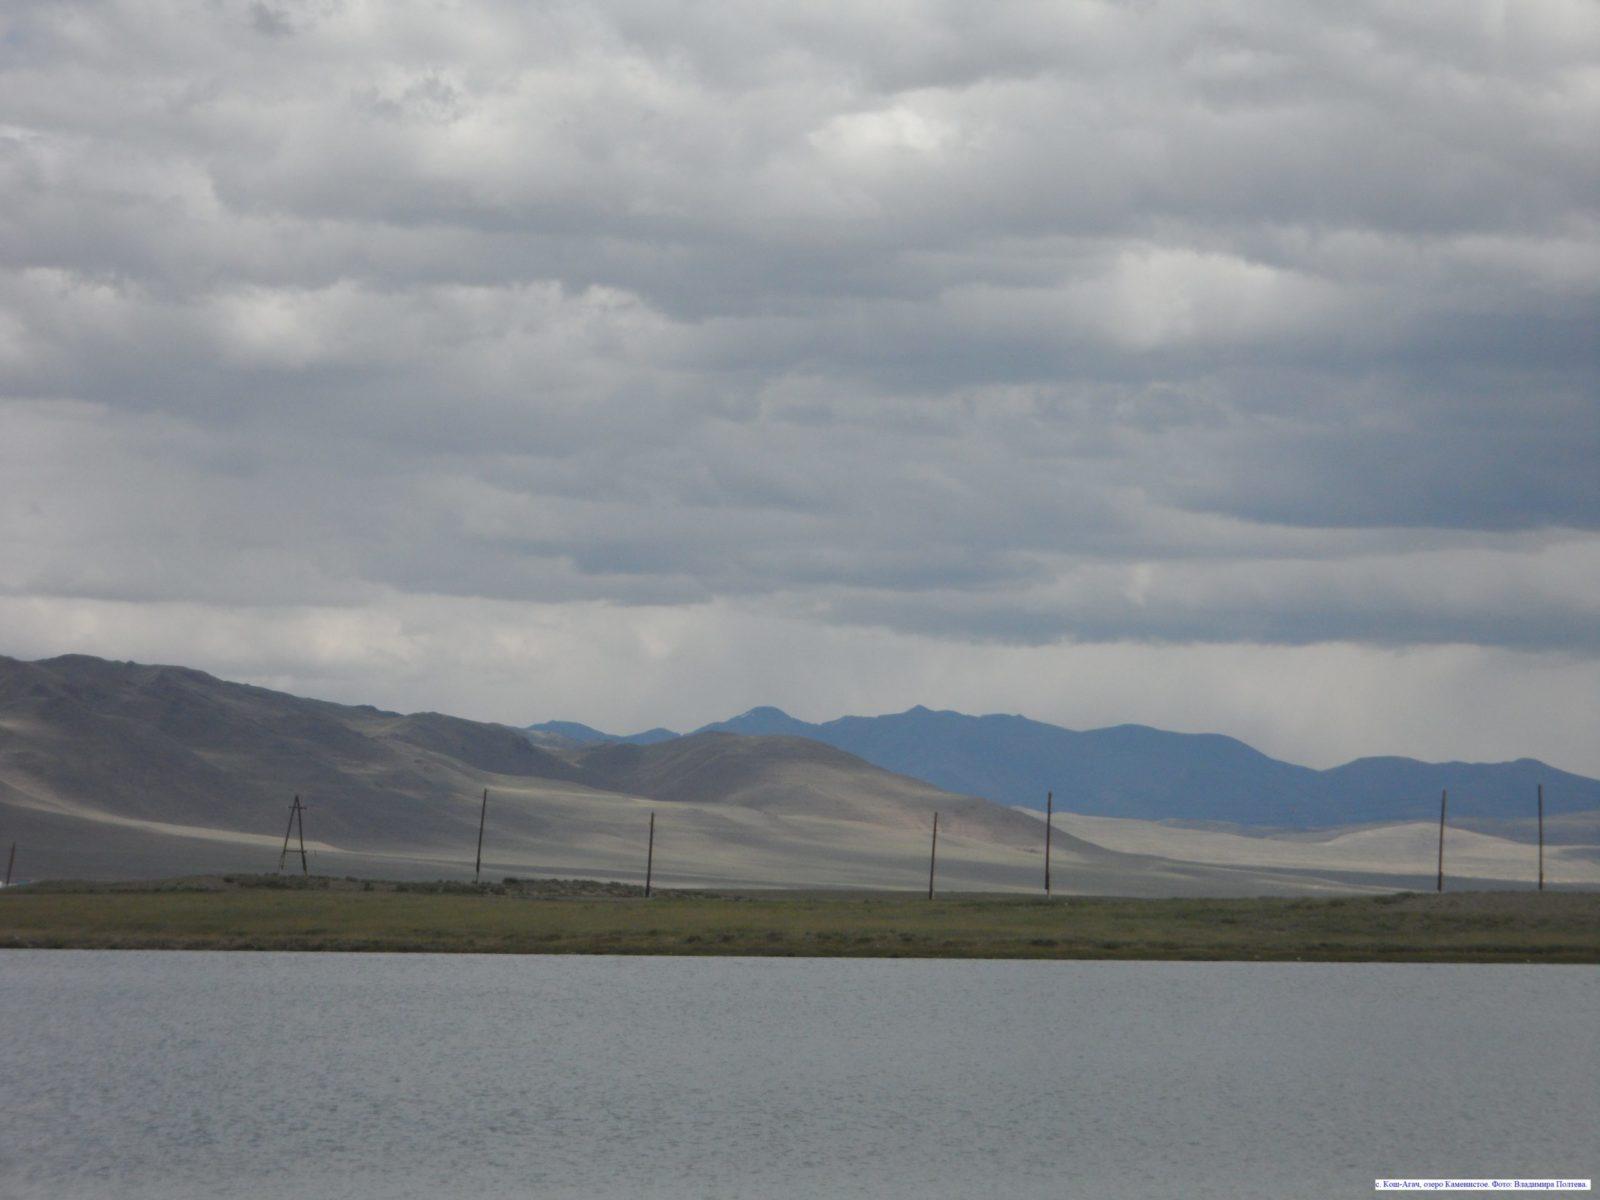 с. Кош-Агач, озеро Каменистое.